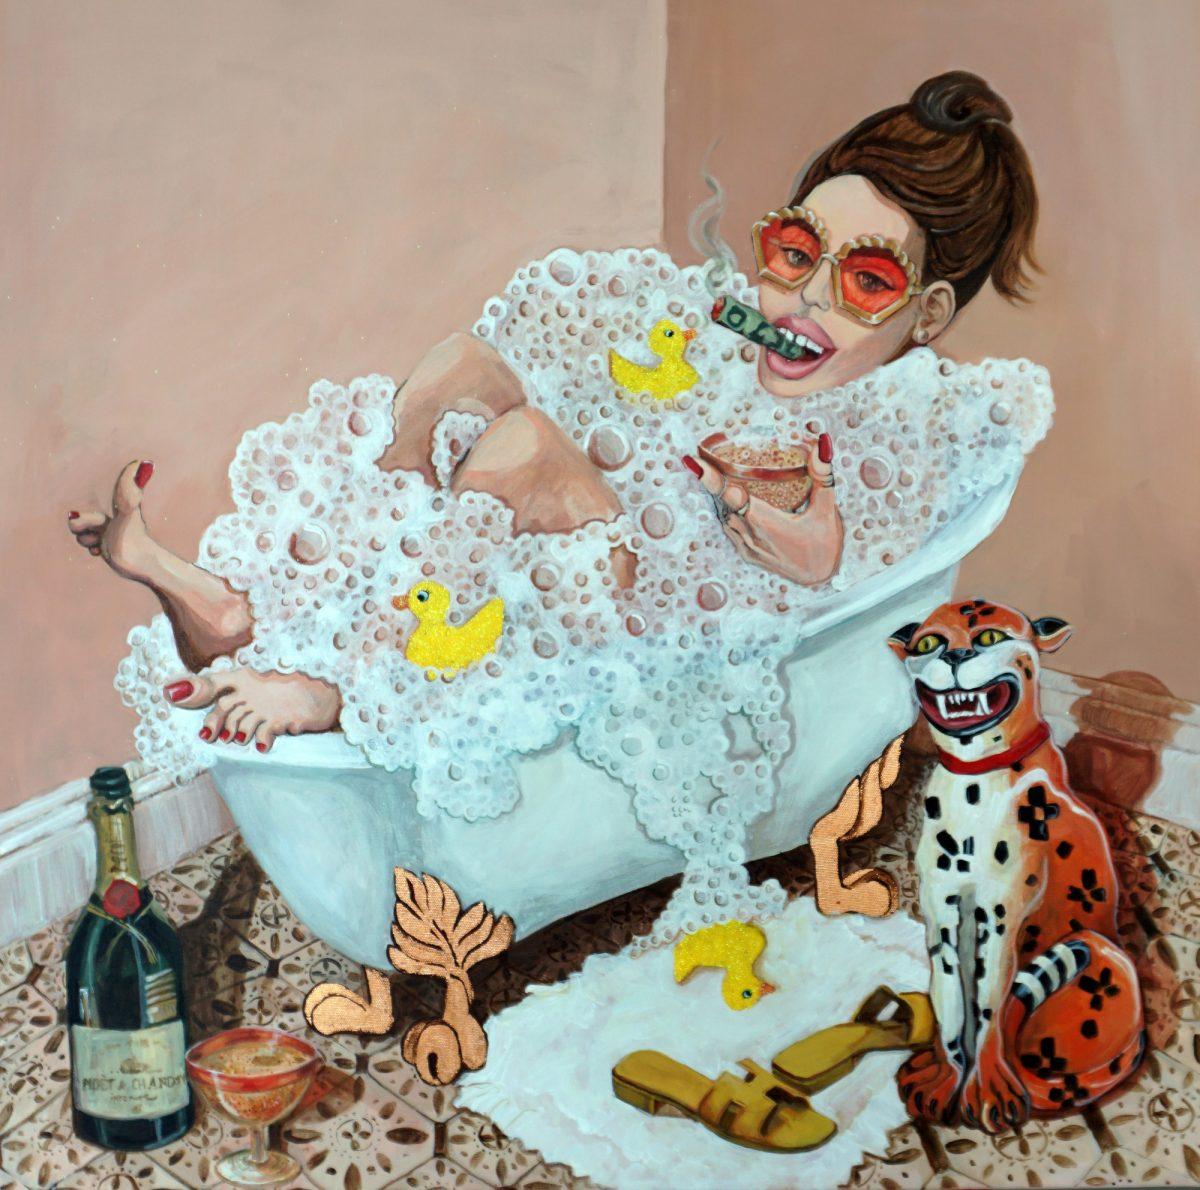 Anna Pogduz, Me in a Hot Bubble Bath, 2021